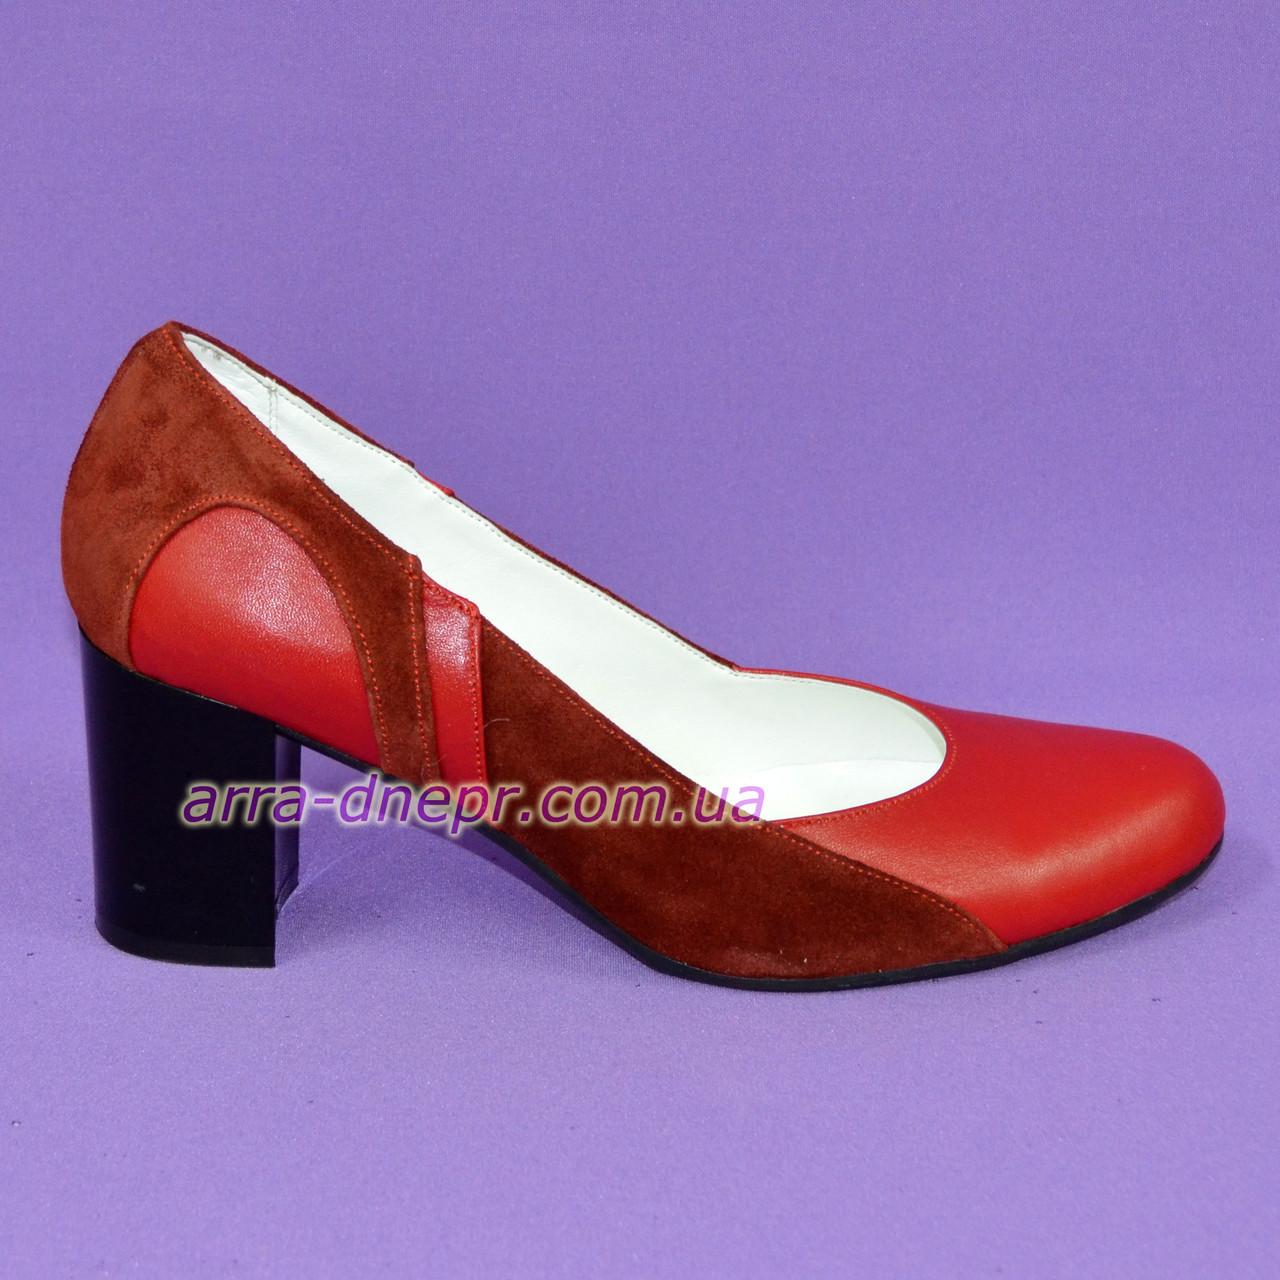 Женские классические туфли на каблуке из натуральной кожи красного цвета, с вставкой из натуральной замши